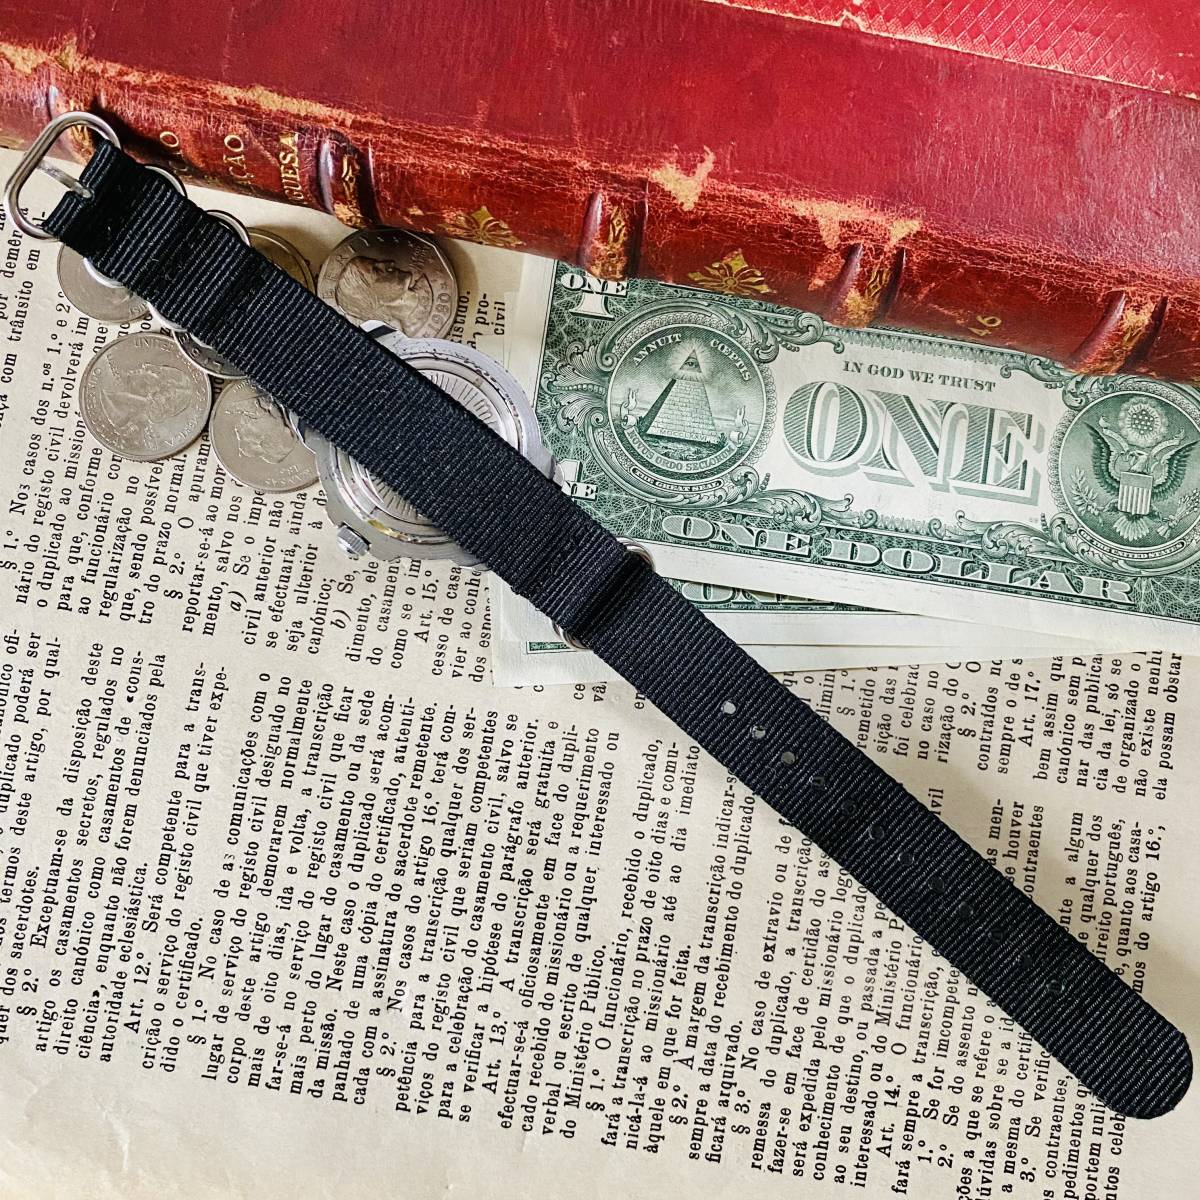 【ミリタリー腕時計】VOSTOK Komandirskie 手巻き 腕時計 メンズ レディース ビンテージ ロシア ボストーク コマンダースキー 24H デイト_画像7